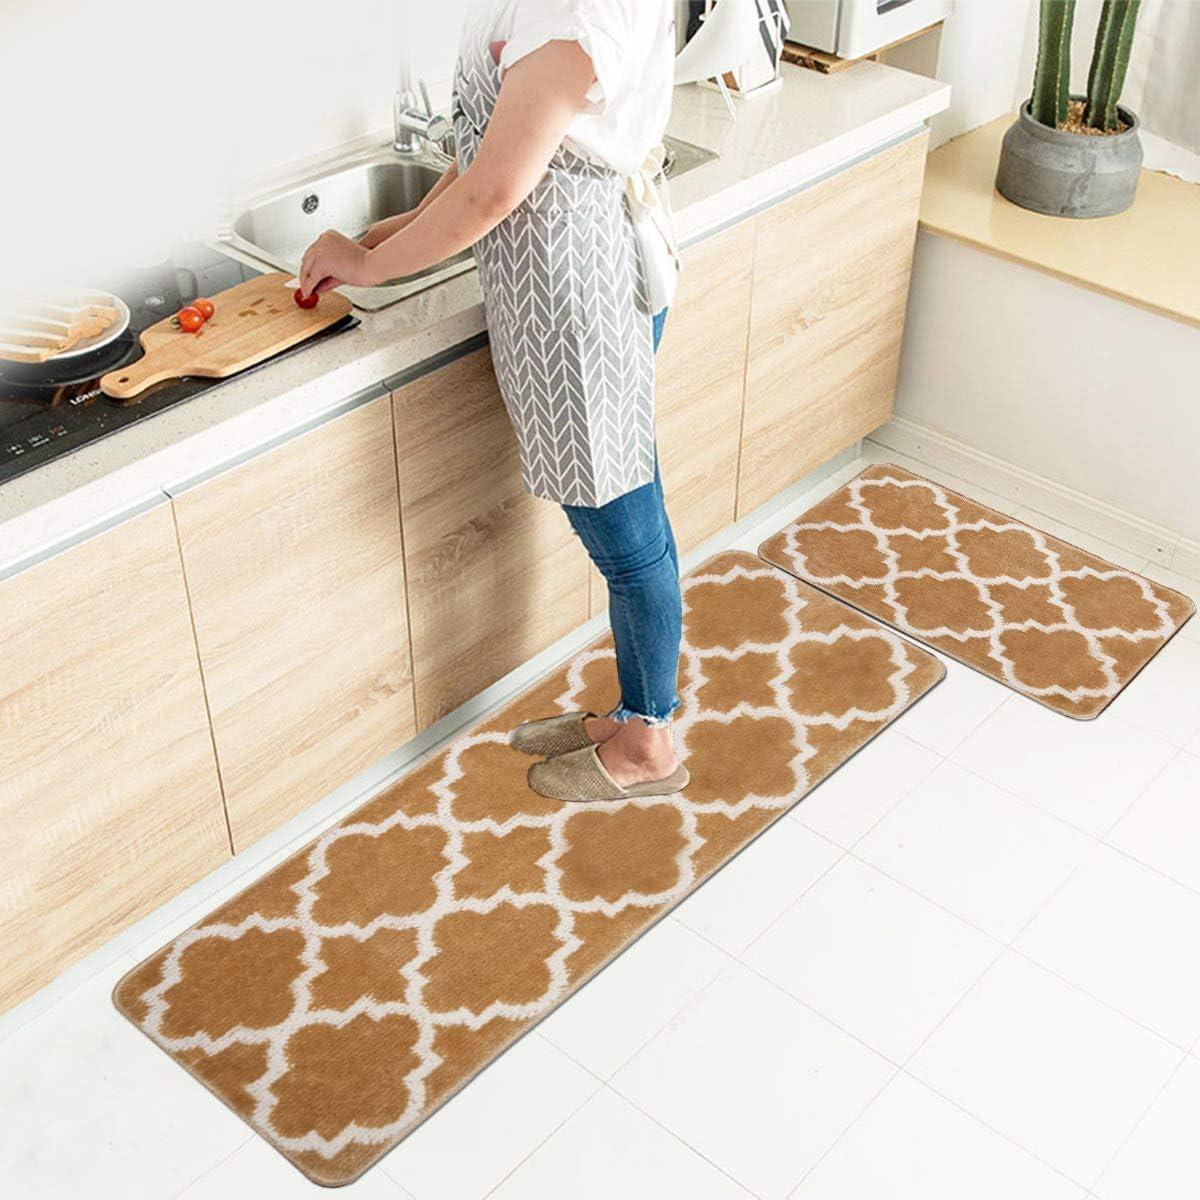 9x9+9x9 HEBE Kitchen Rug Set of 9 Pieces Non Slip Machine ...